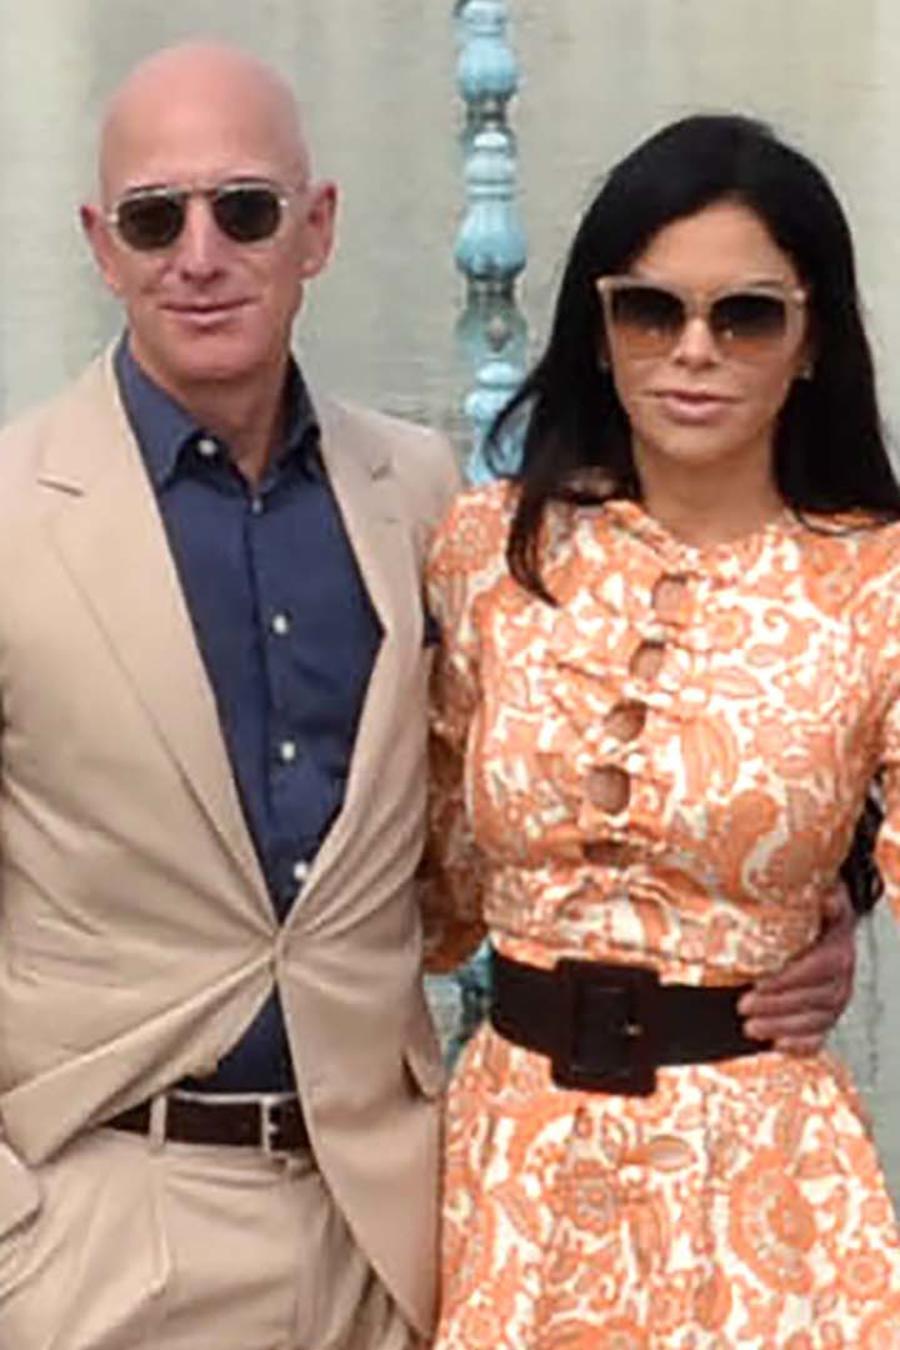 Jeff Bezos y Lauren Sanchez  durante su visita al Taj Mahal